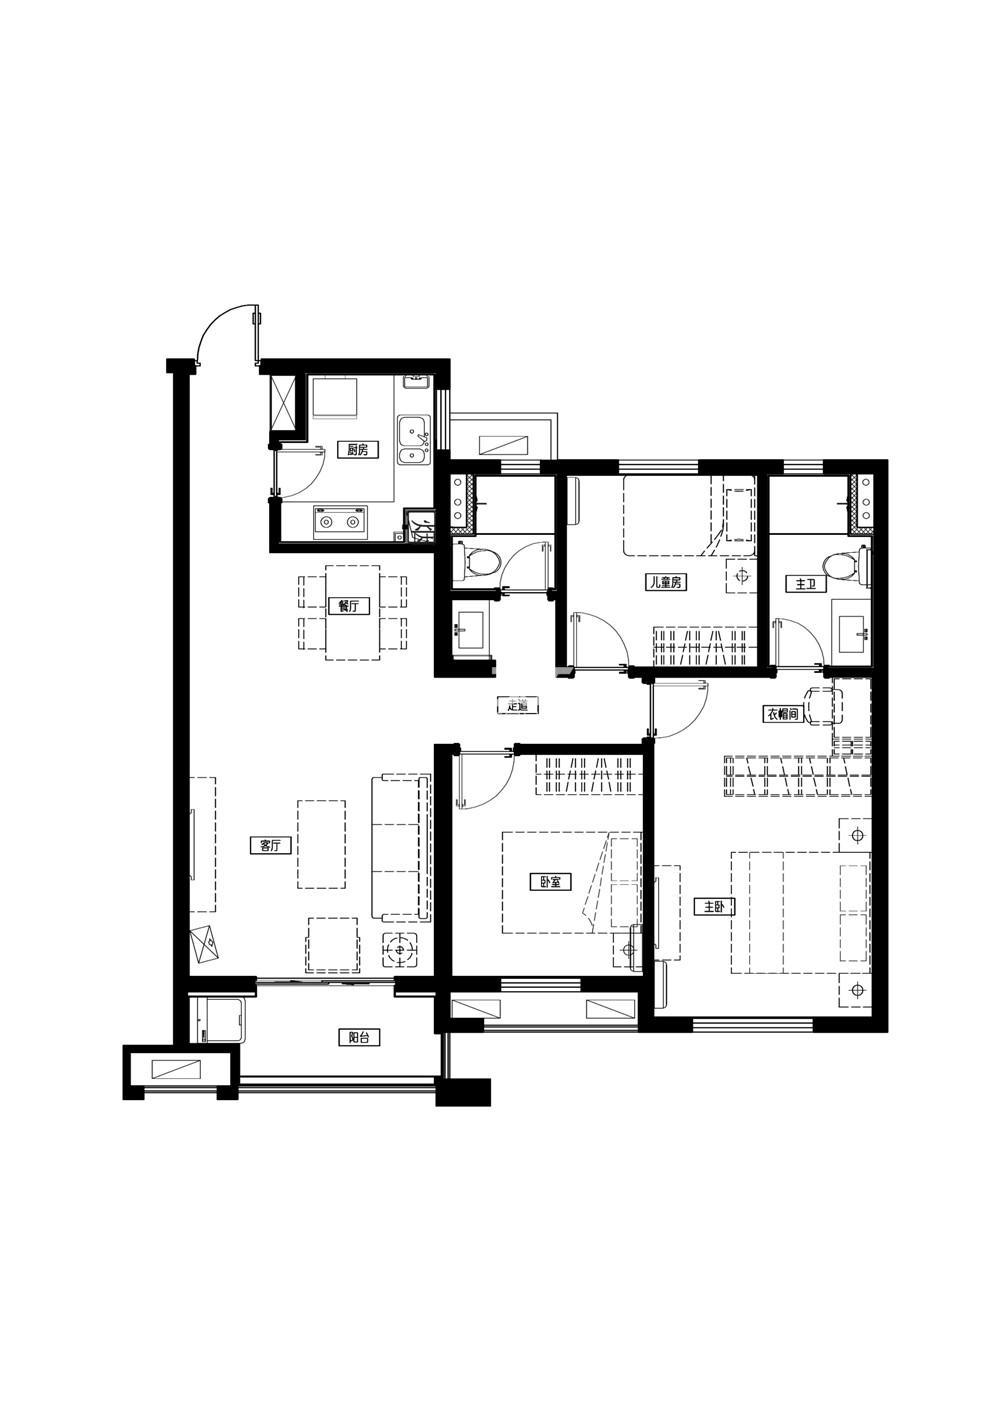 万科城一期标准层A2户型-96平方米 3室2厅2卫1厨